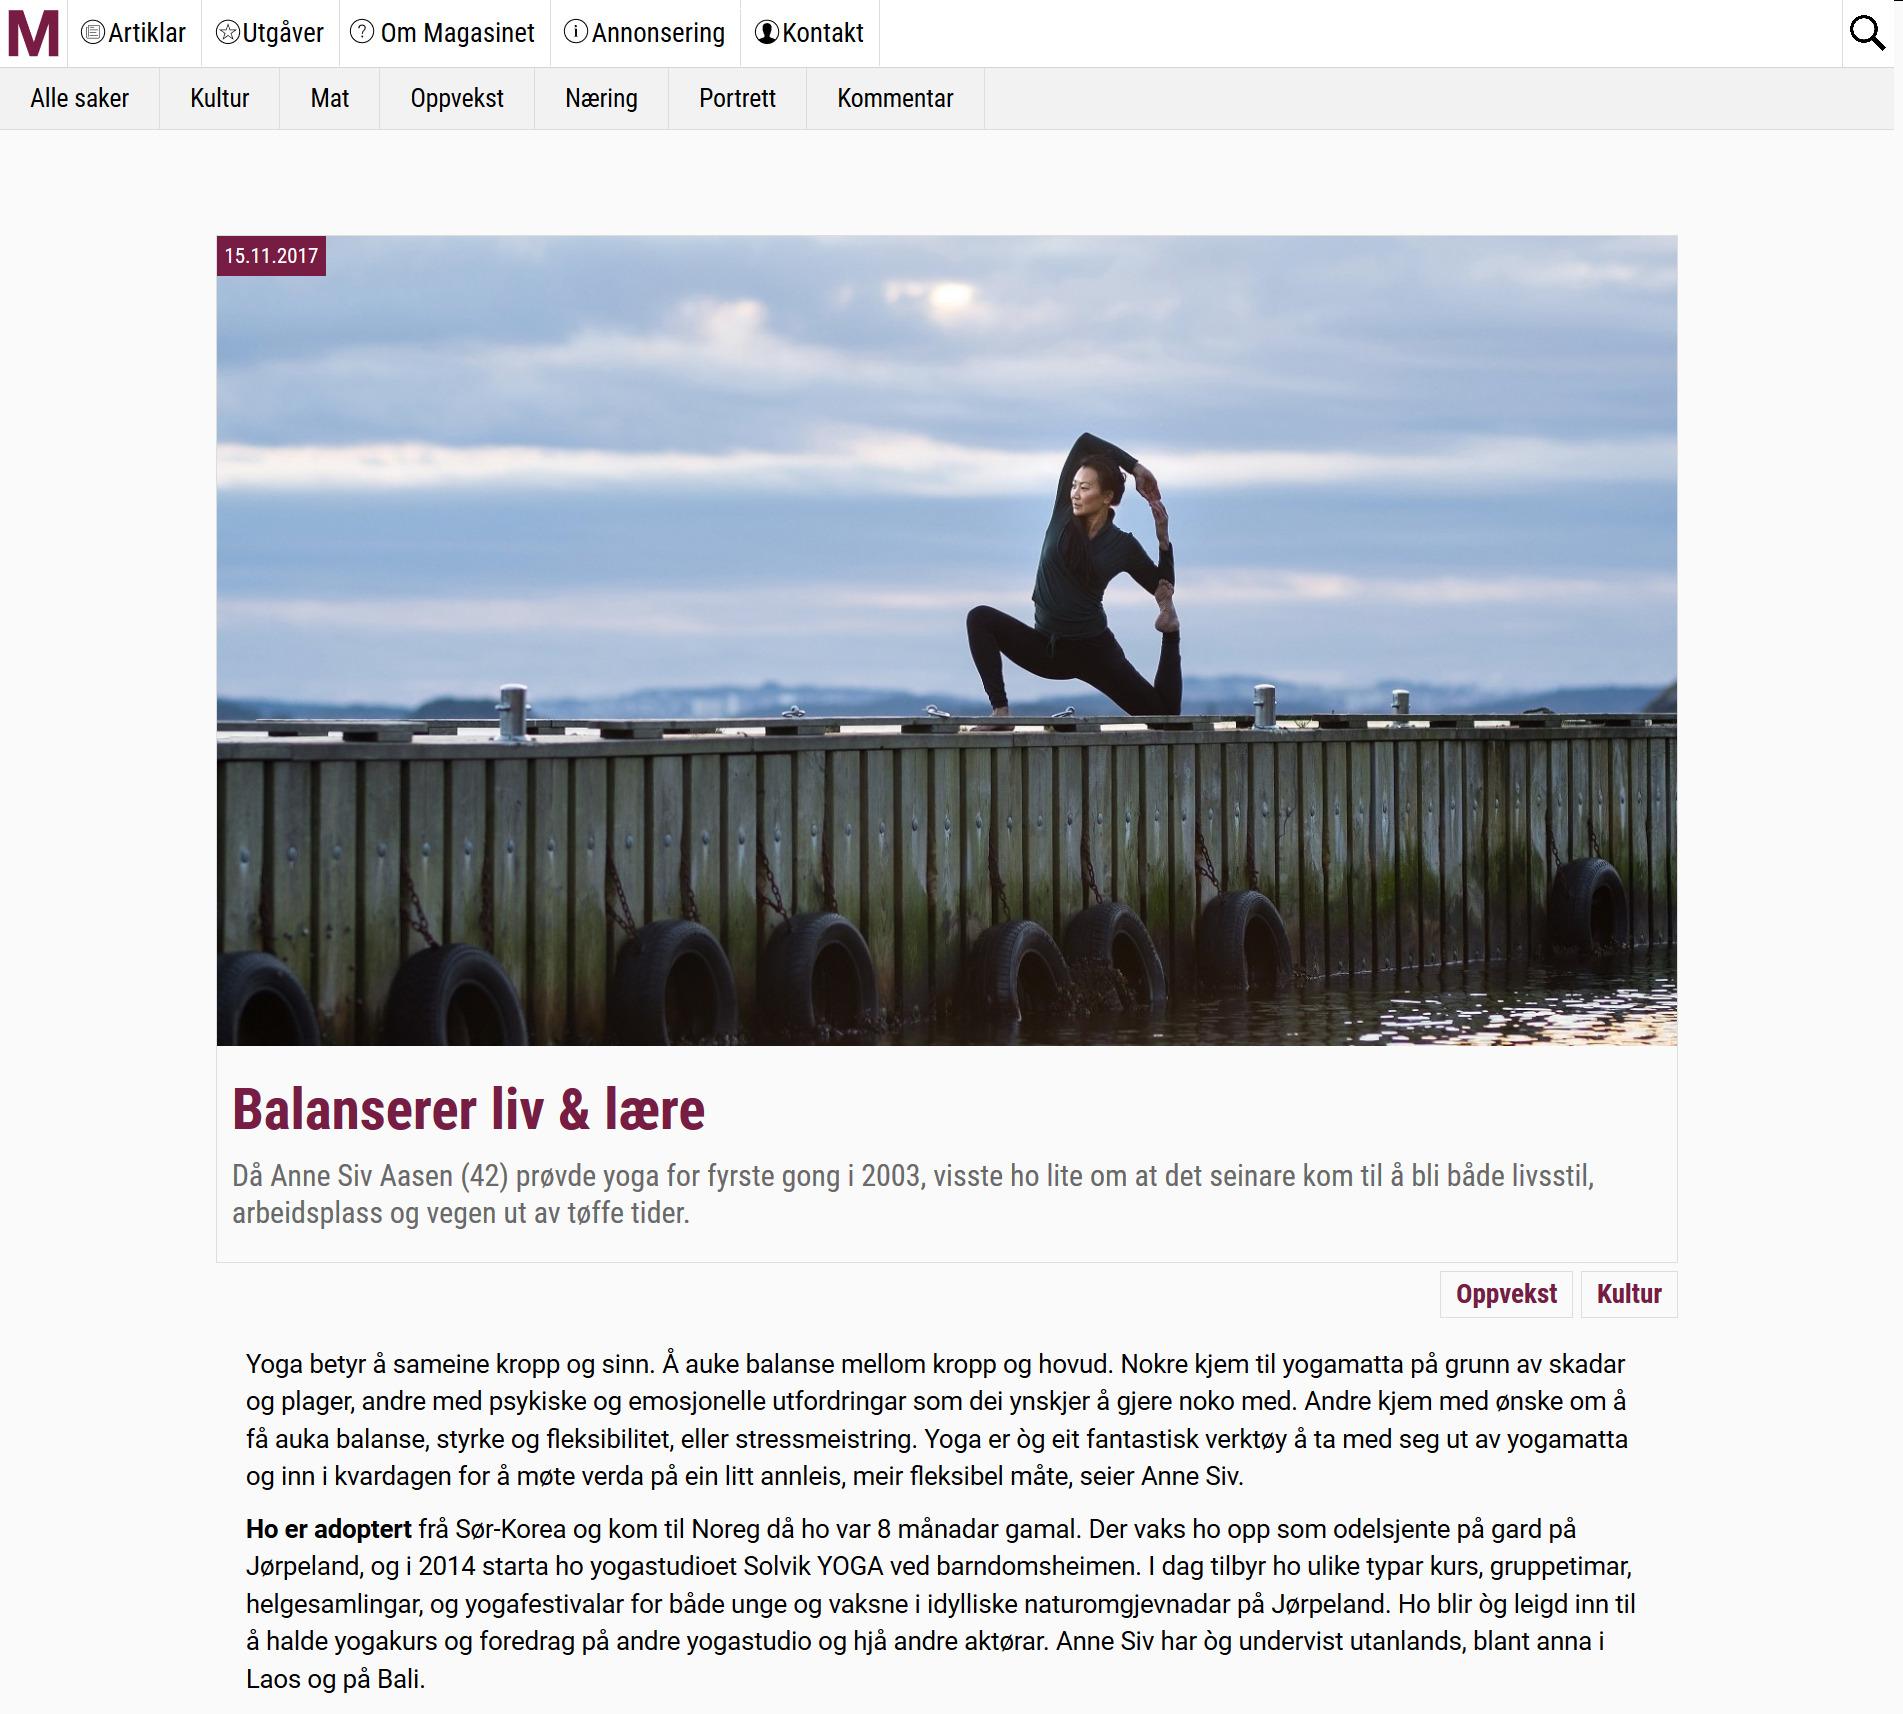 Screenshot-2017-11-19_Balanserer_liv_lære_Mitt_Ryfylke.jpg